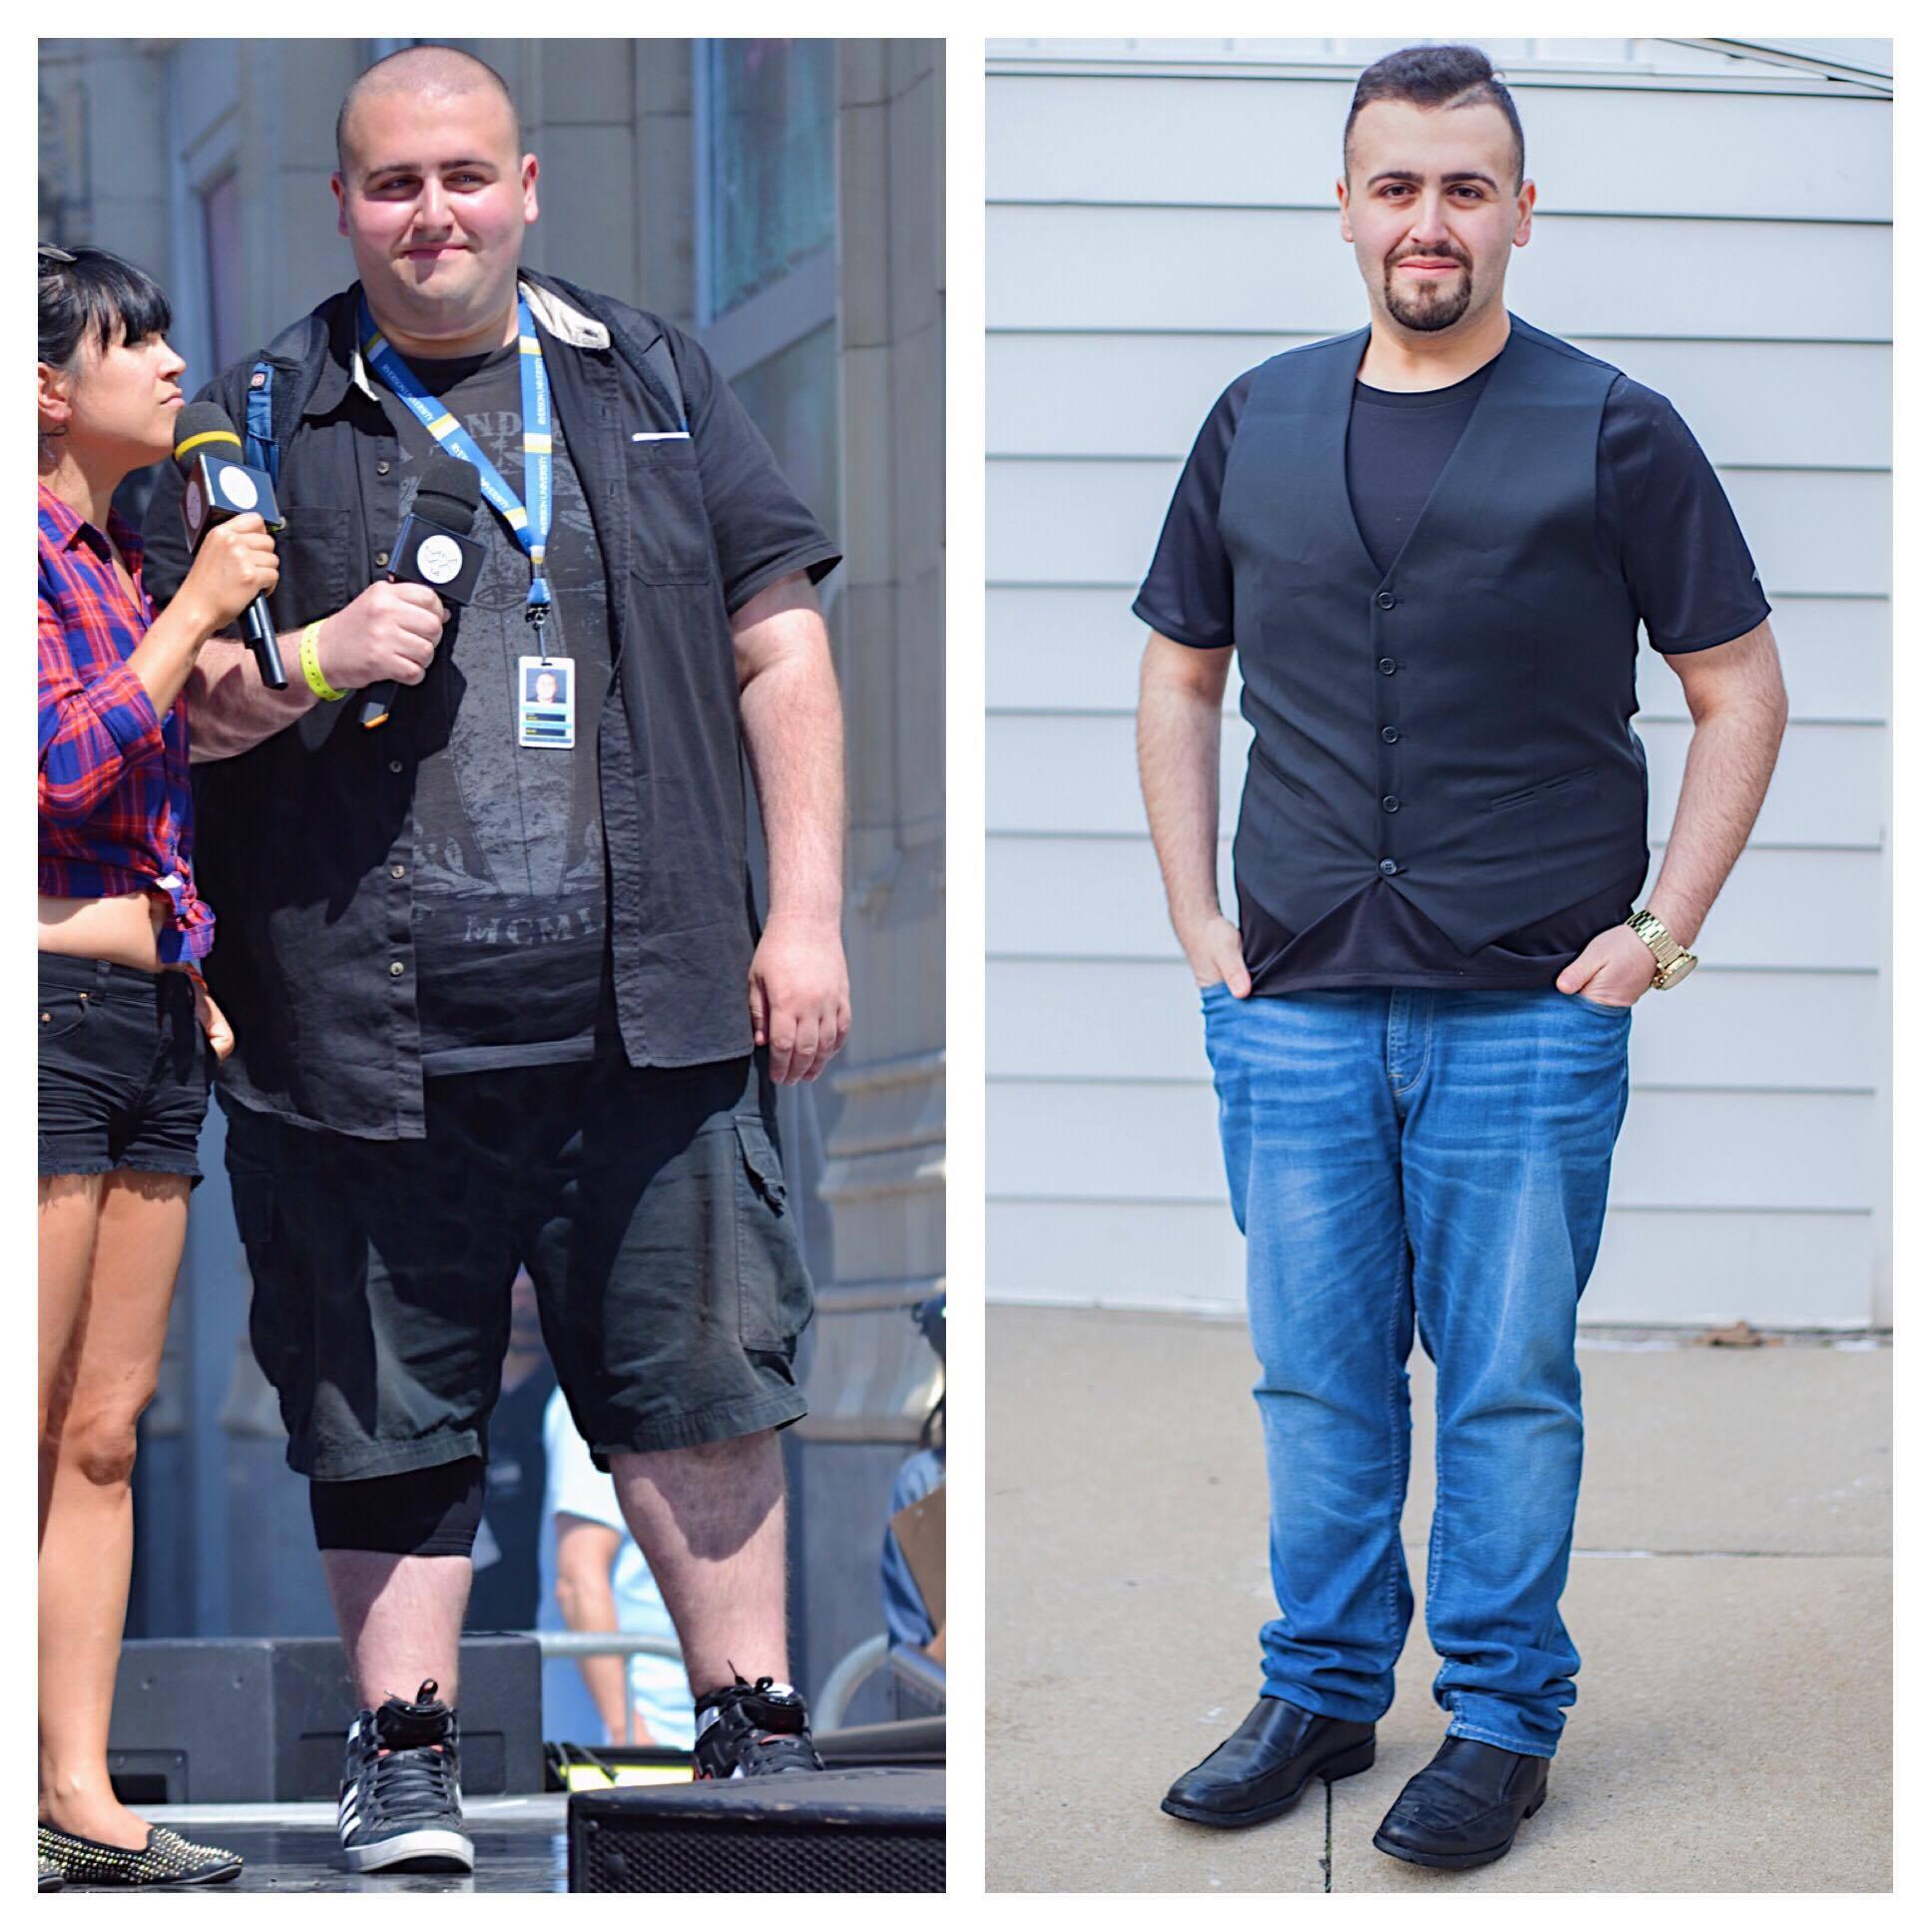 120 Pounds Lost Chris Got Fit